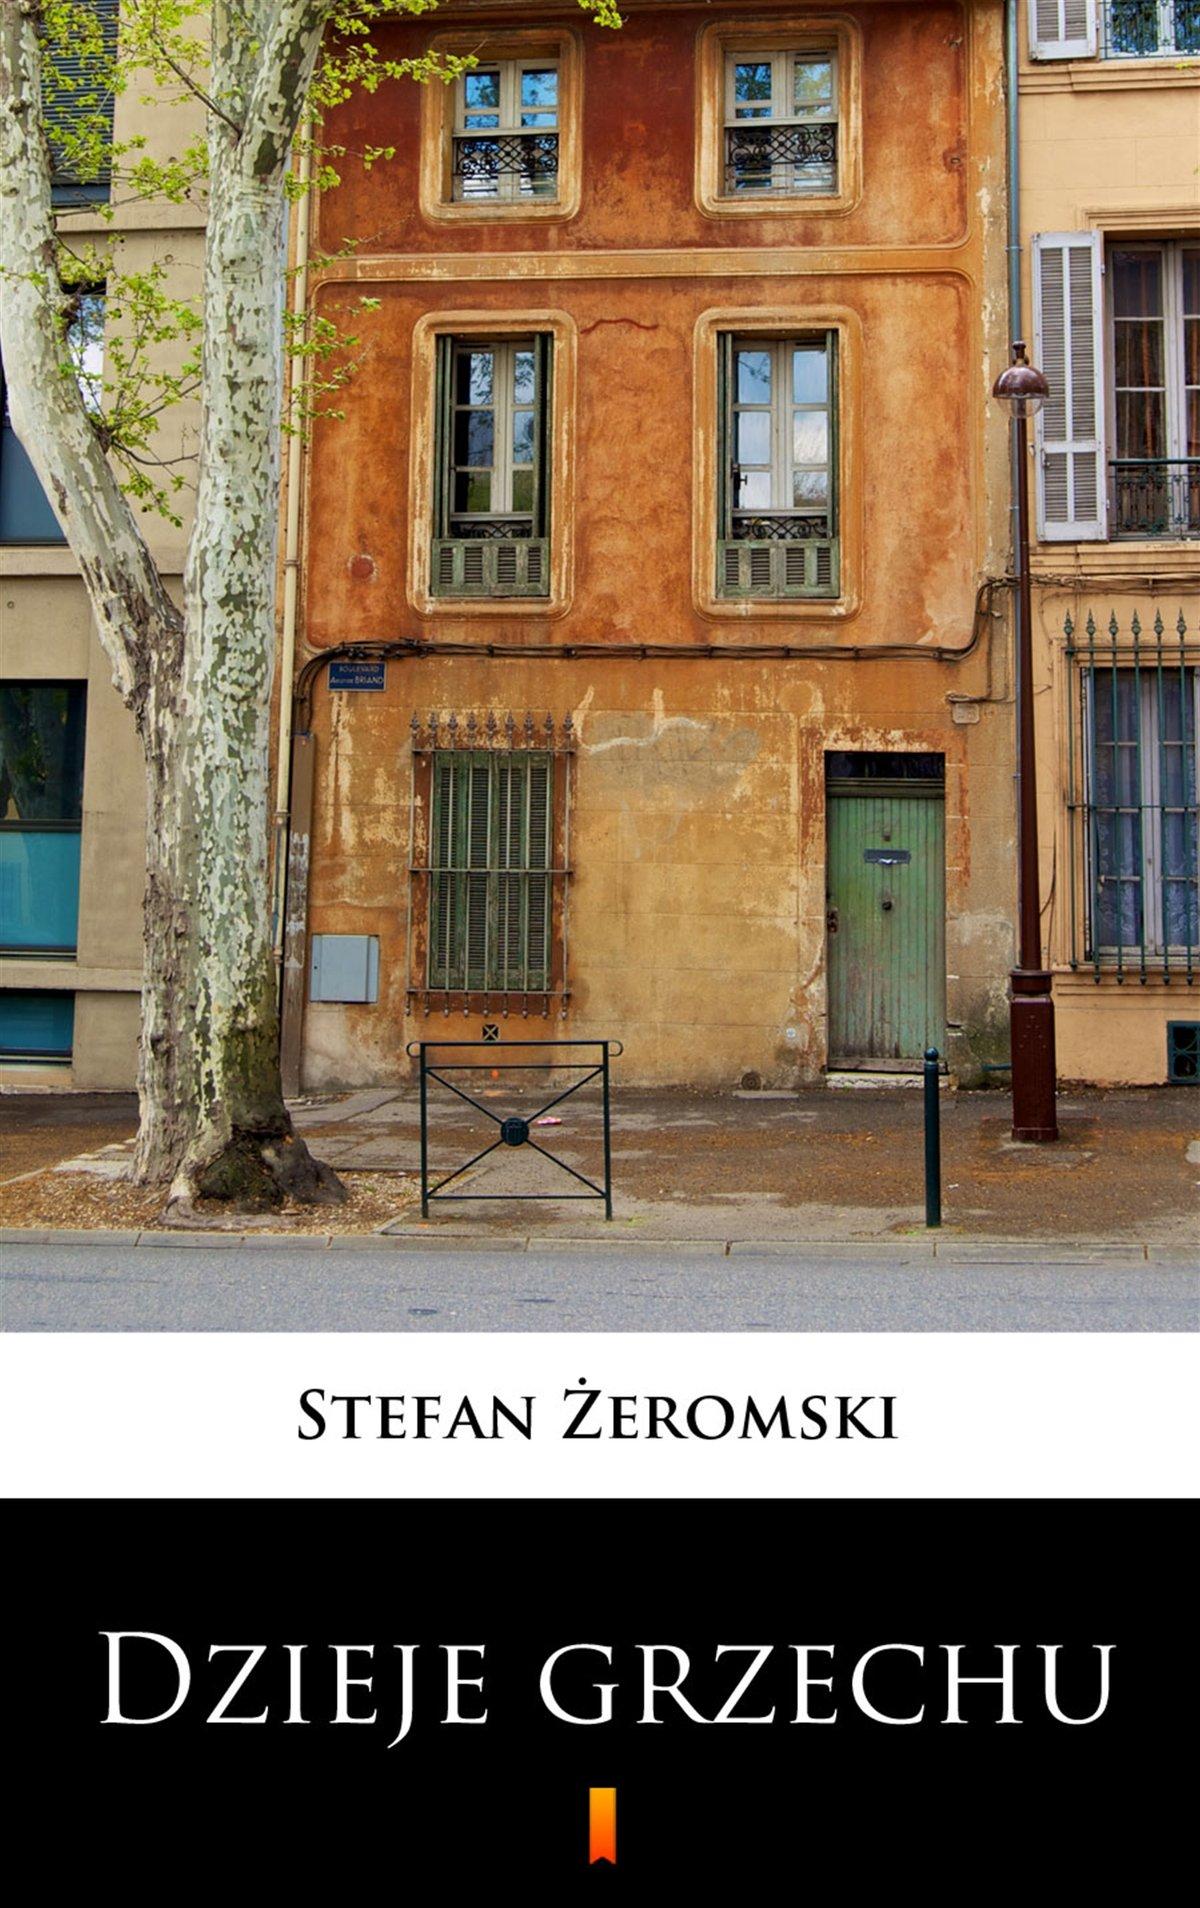 Dzieje grzechu - Ebook (Książka na Kindle) do pobrania w formacie MOBI